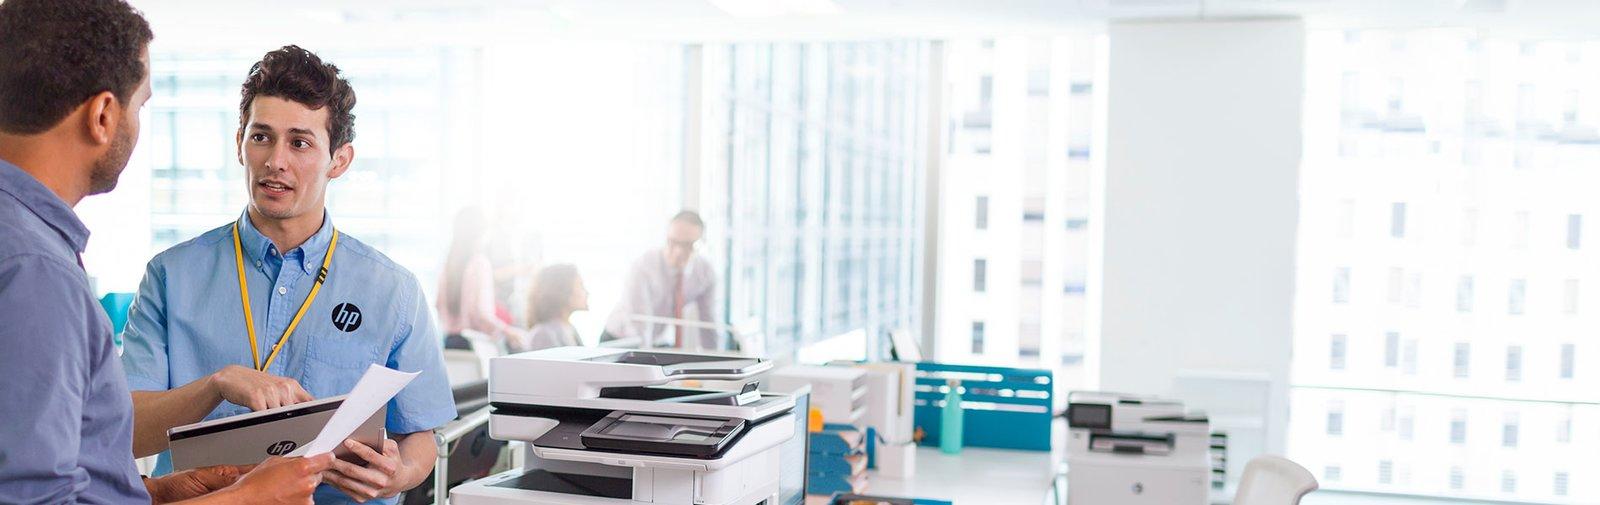 Czy najsłabszym ogniwem bezpieczeństwa twojej firmy jest… drukarka?